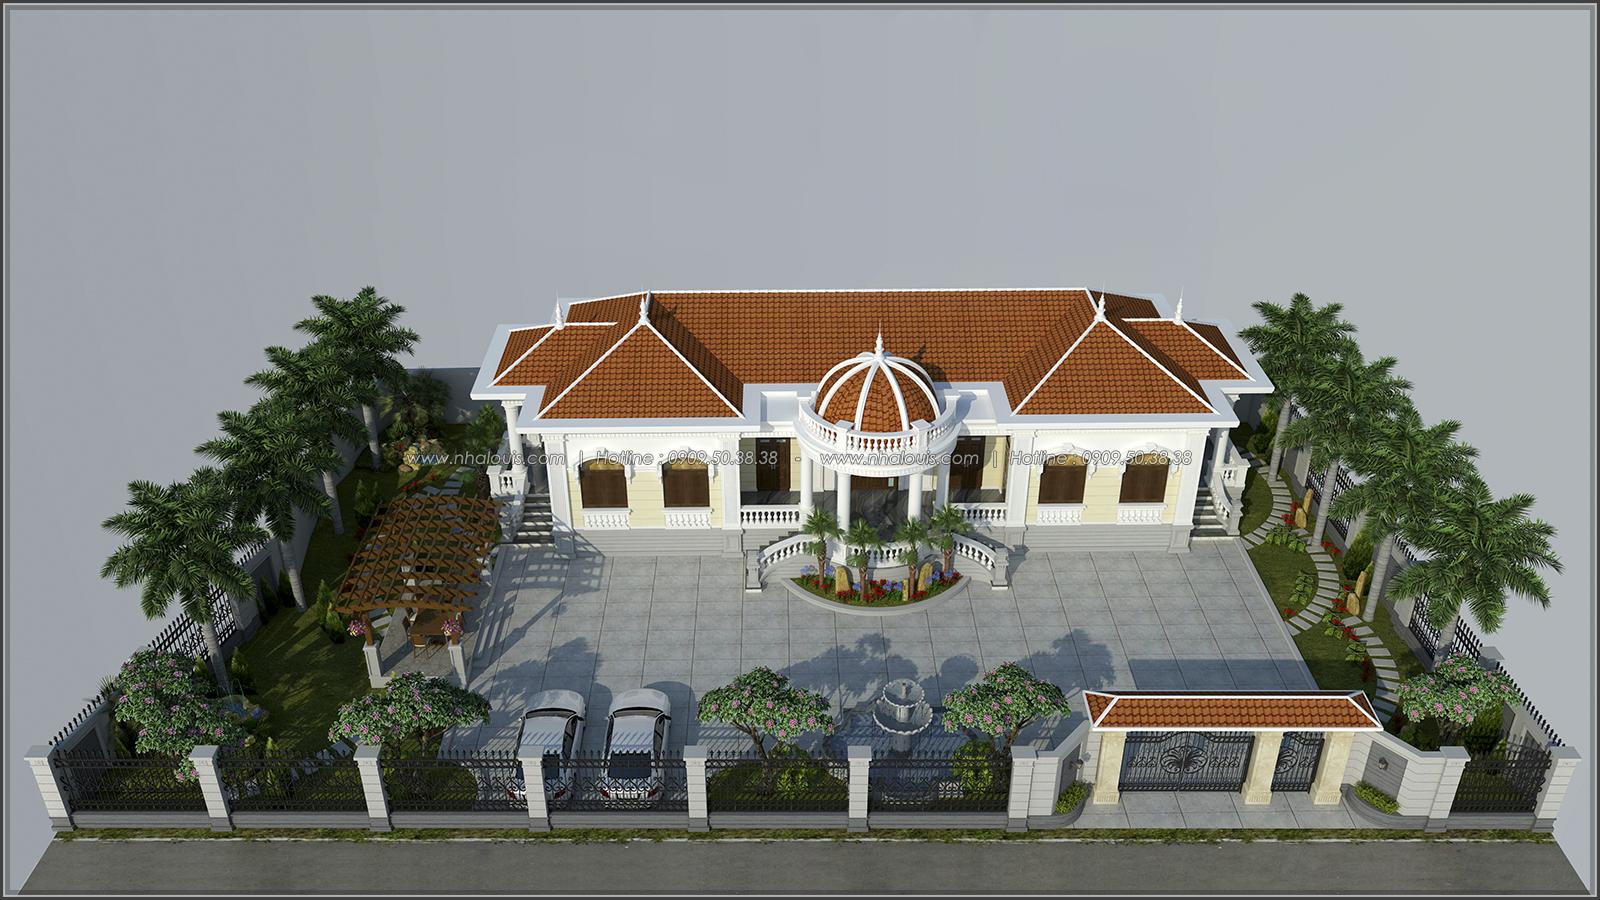 Mẫu thiết kế biệt thự kiểu Pháp đẹp đơn giản tại xứ dừa Bến Tre - 1